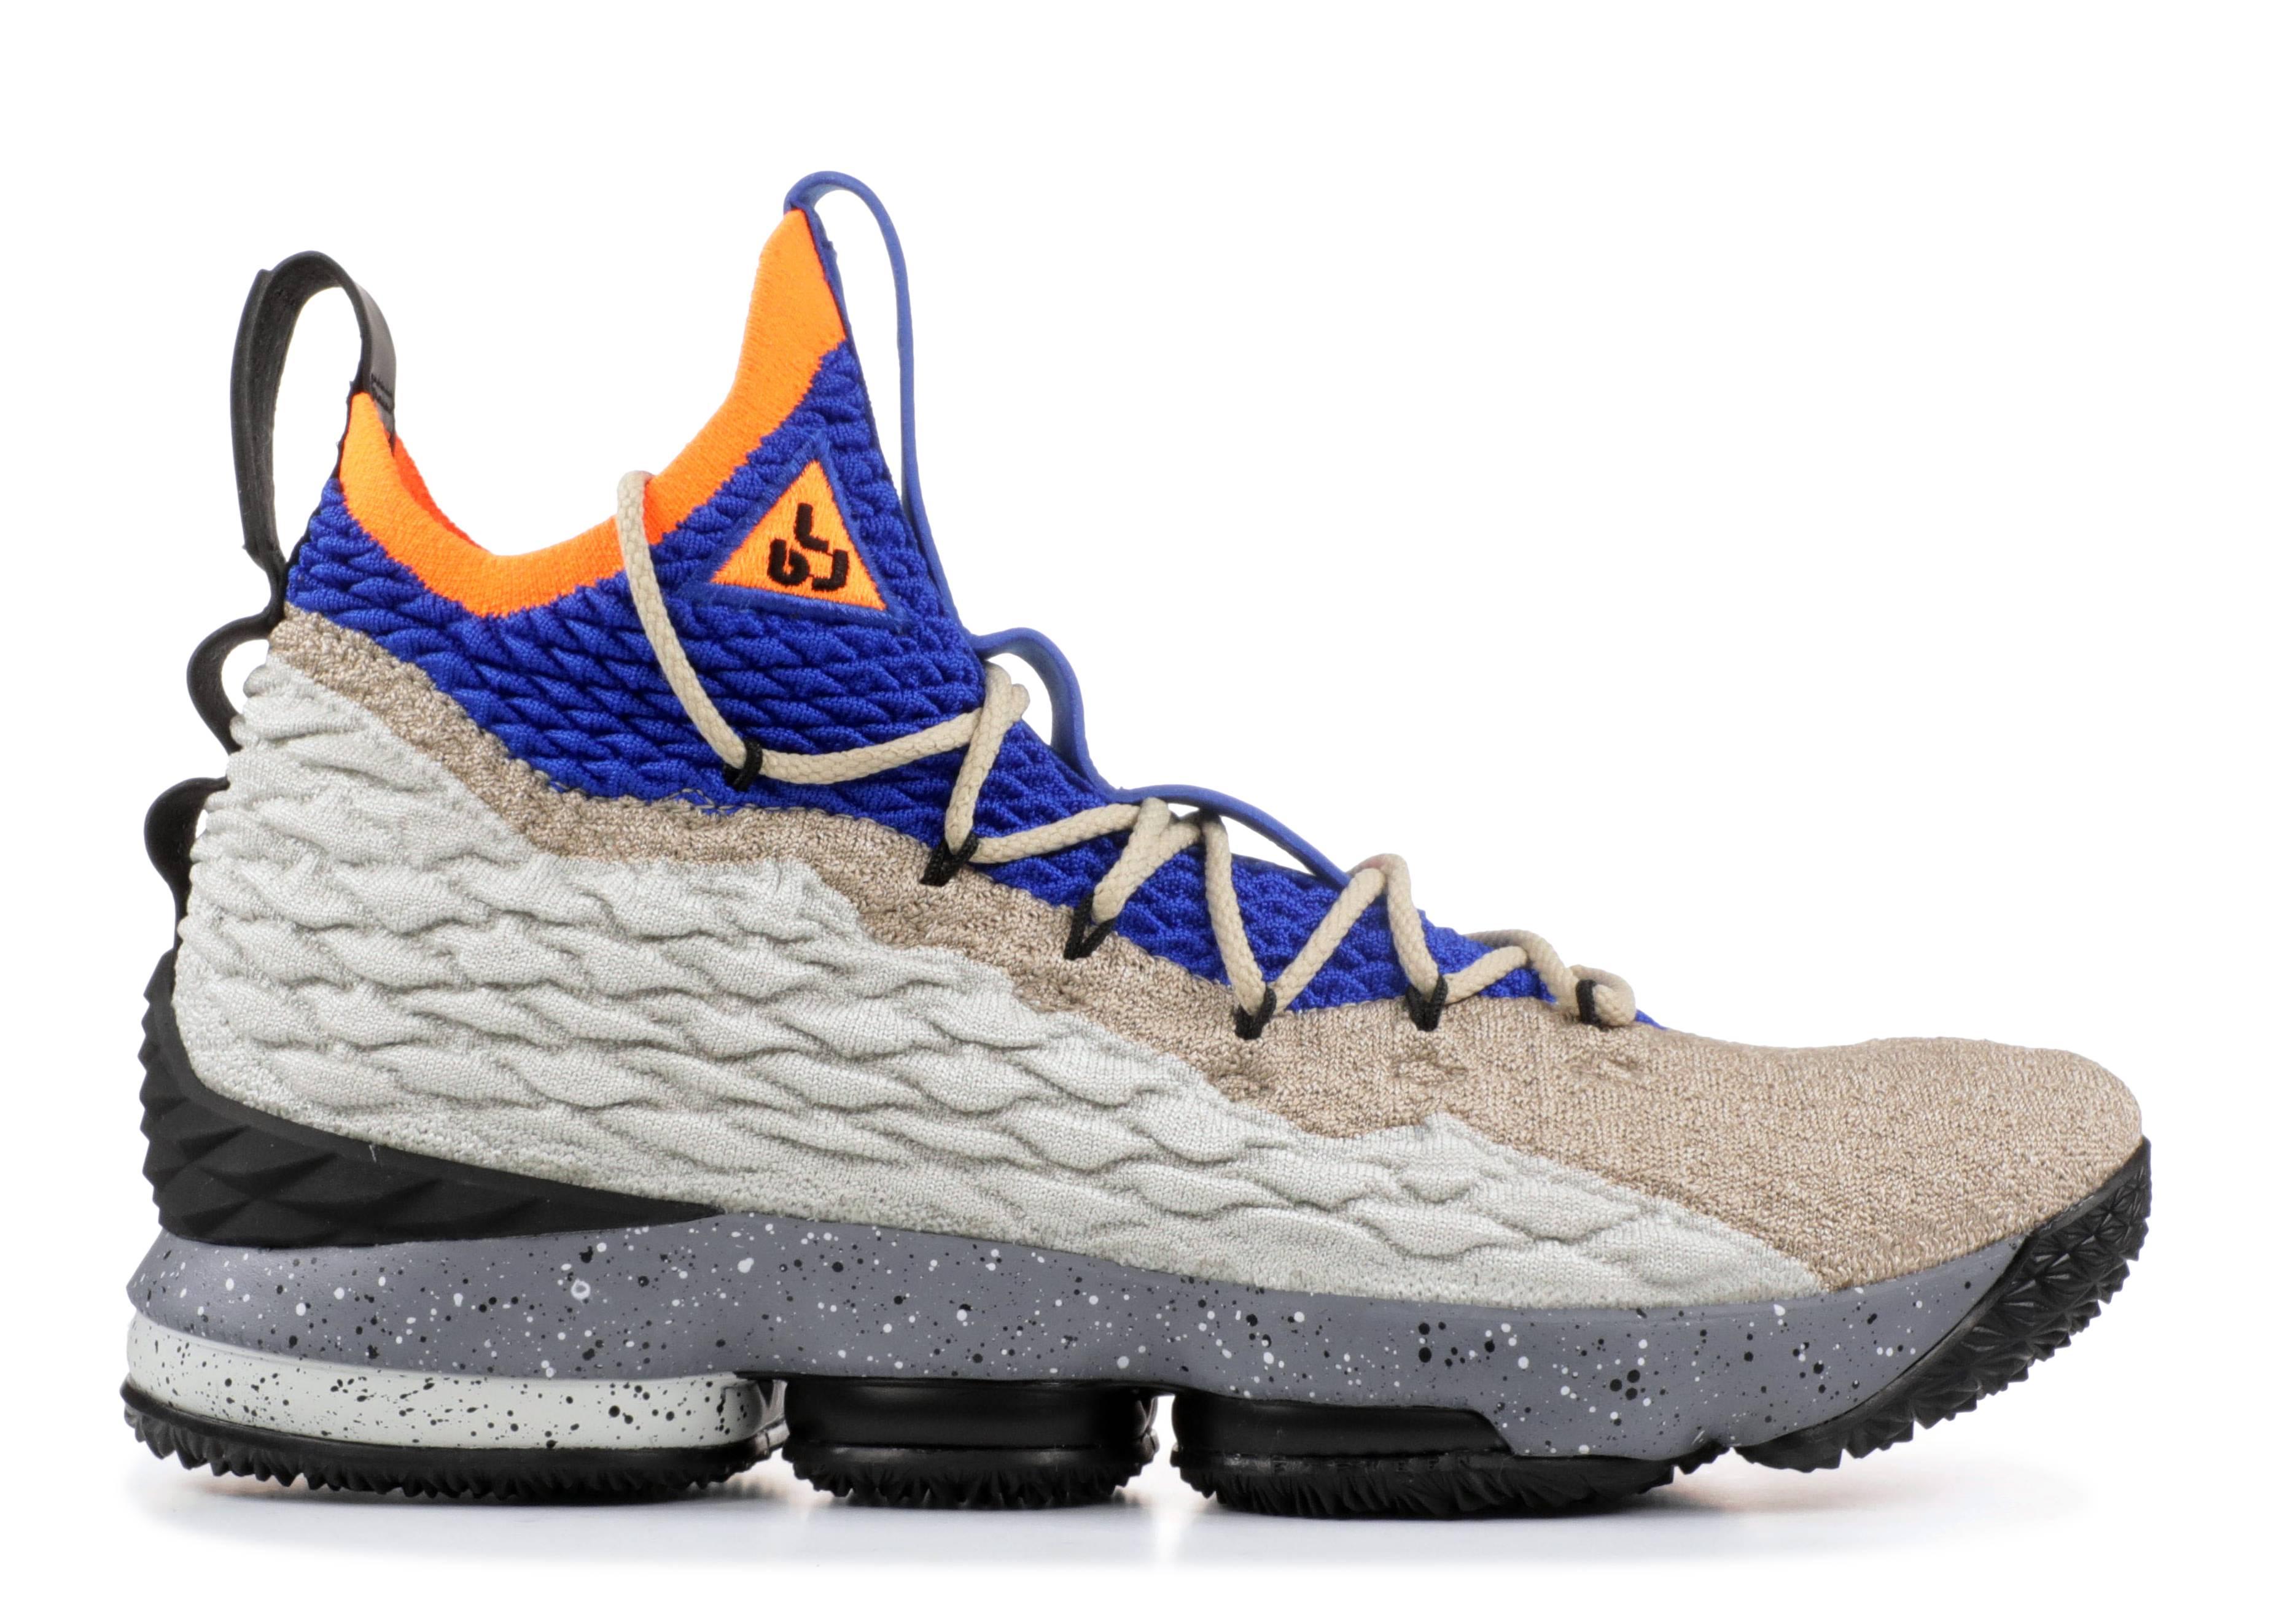 480295d86d0 Lebron Xv Ksa - Nike - ar4831 900 - multi-color racer blue